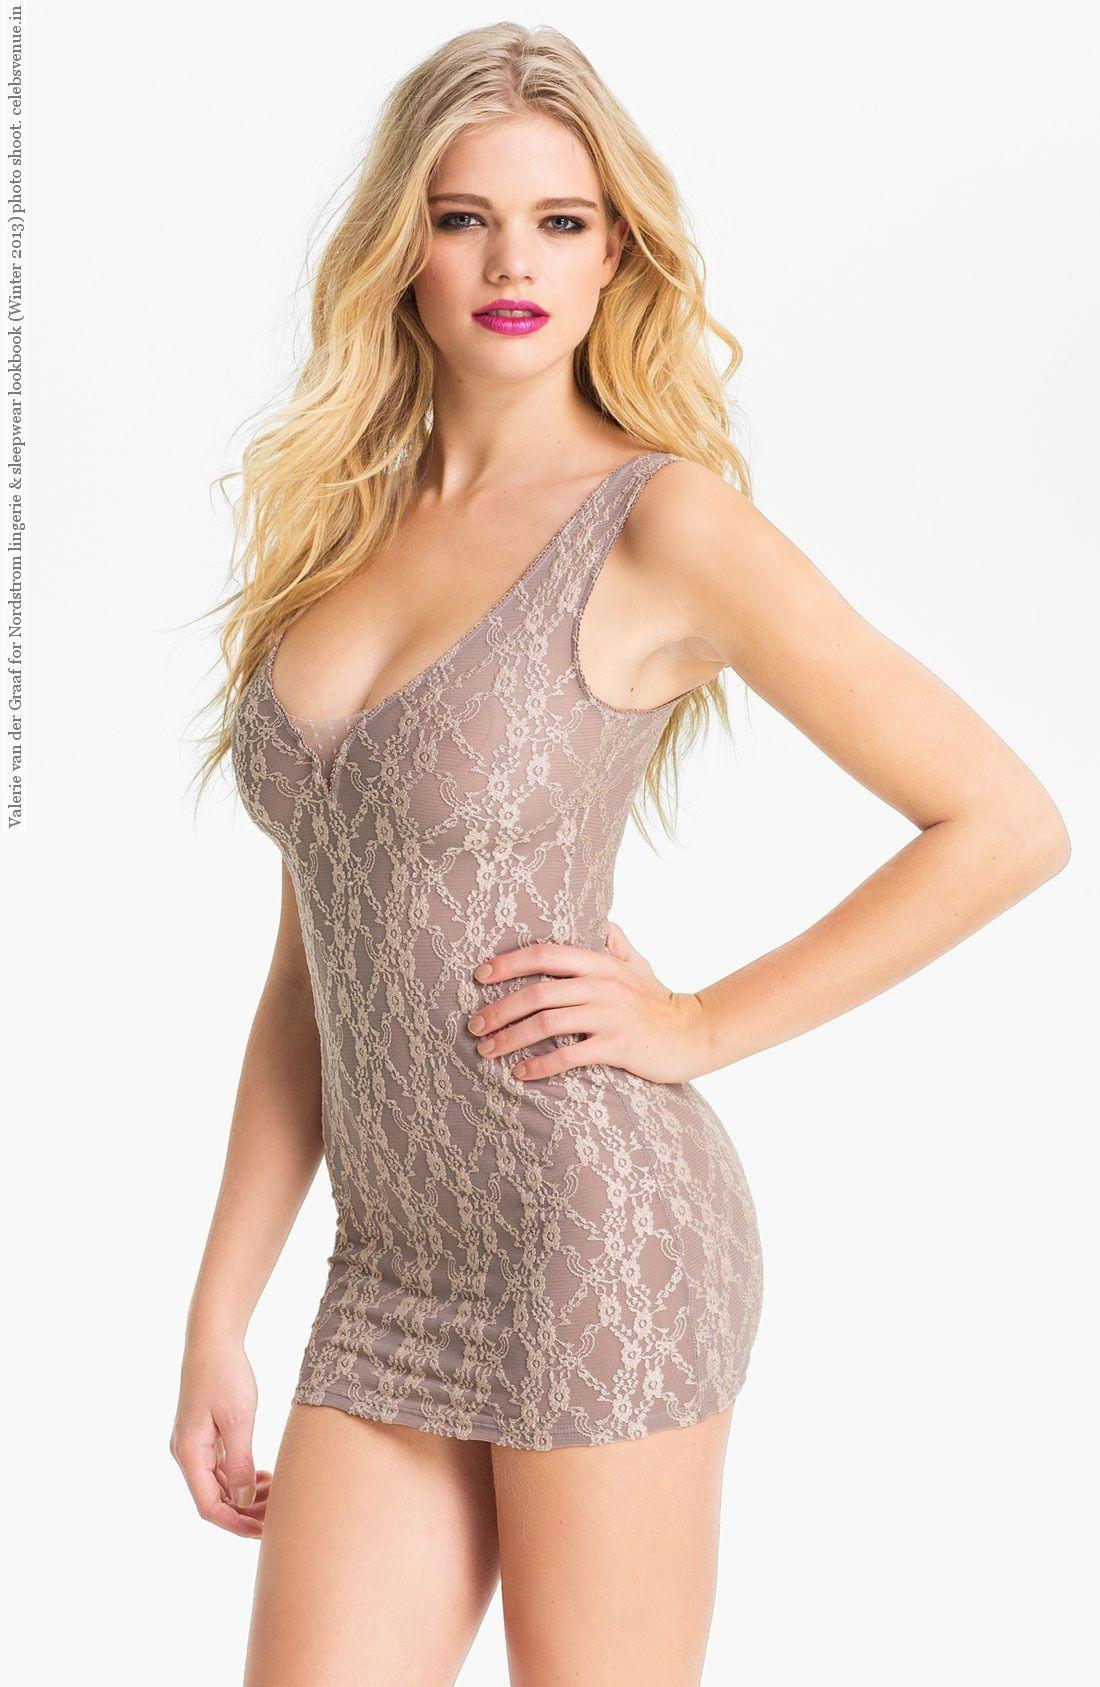 Valerie van der graaf by jolijn snijders 2009 mq photo shoot nude (85 photo), Instagram Celebrites pics